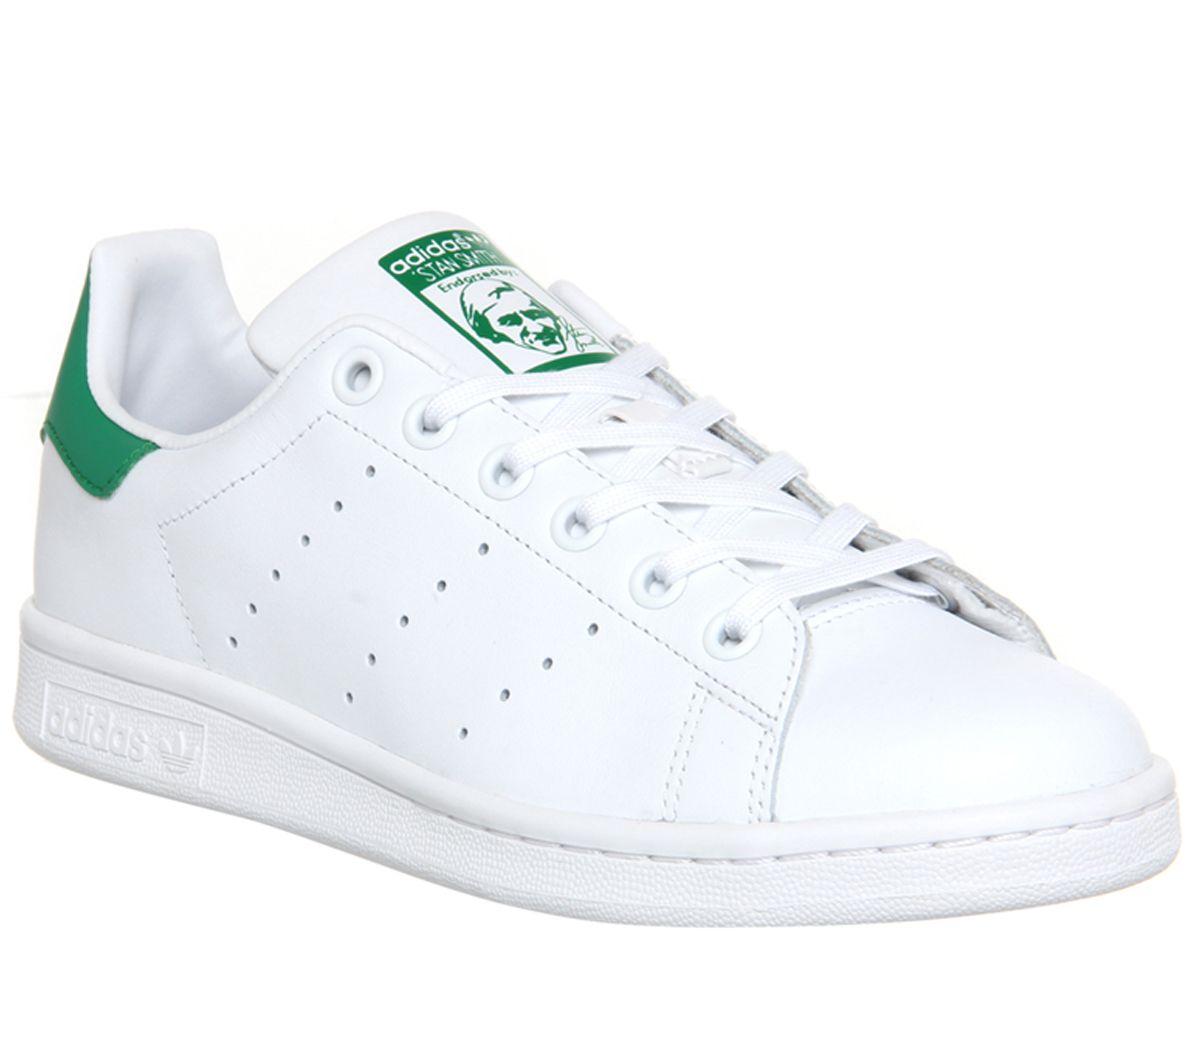 Dettagli su Uomo adidas Stan Smith Scarpe Sportive Core Bianco Verde Scarpe da Ginnastica